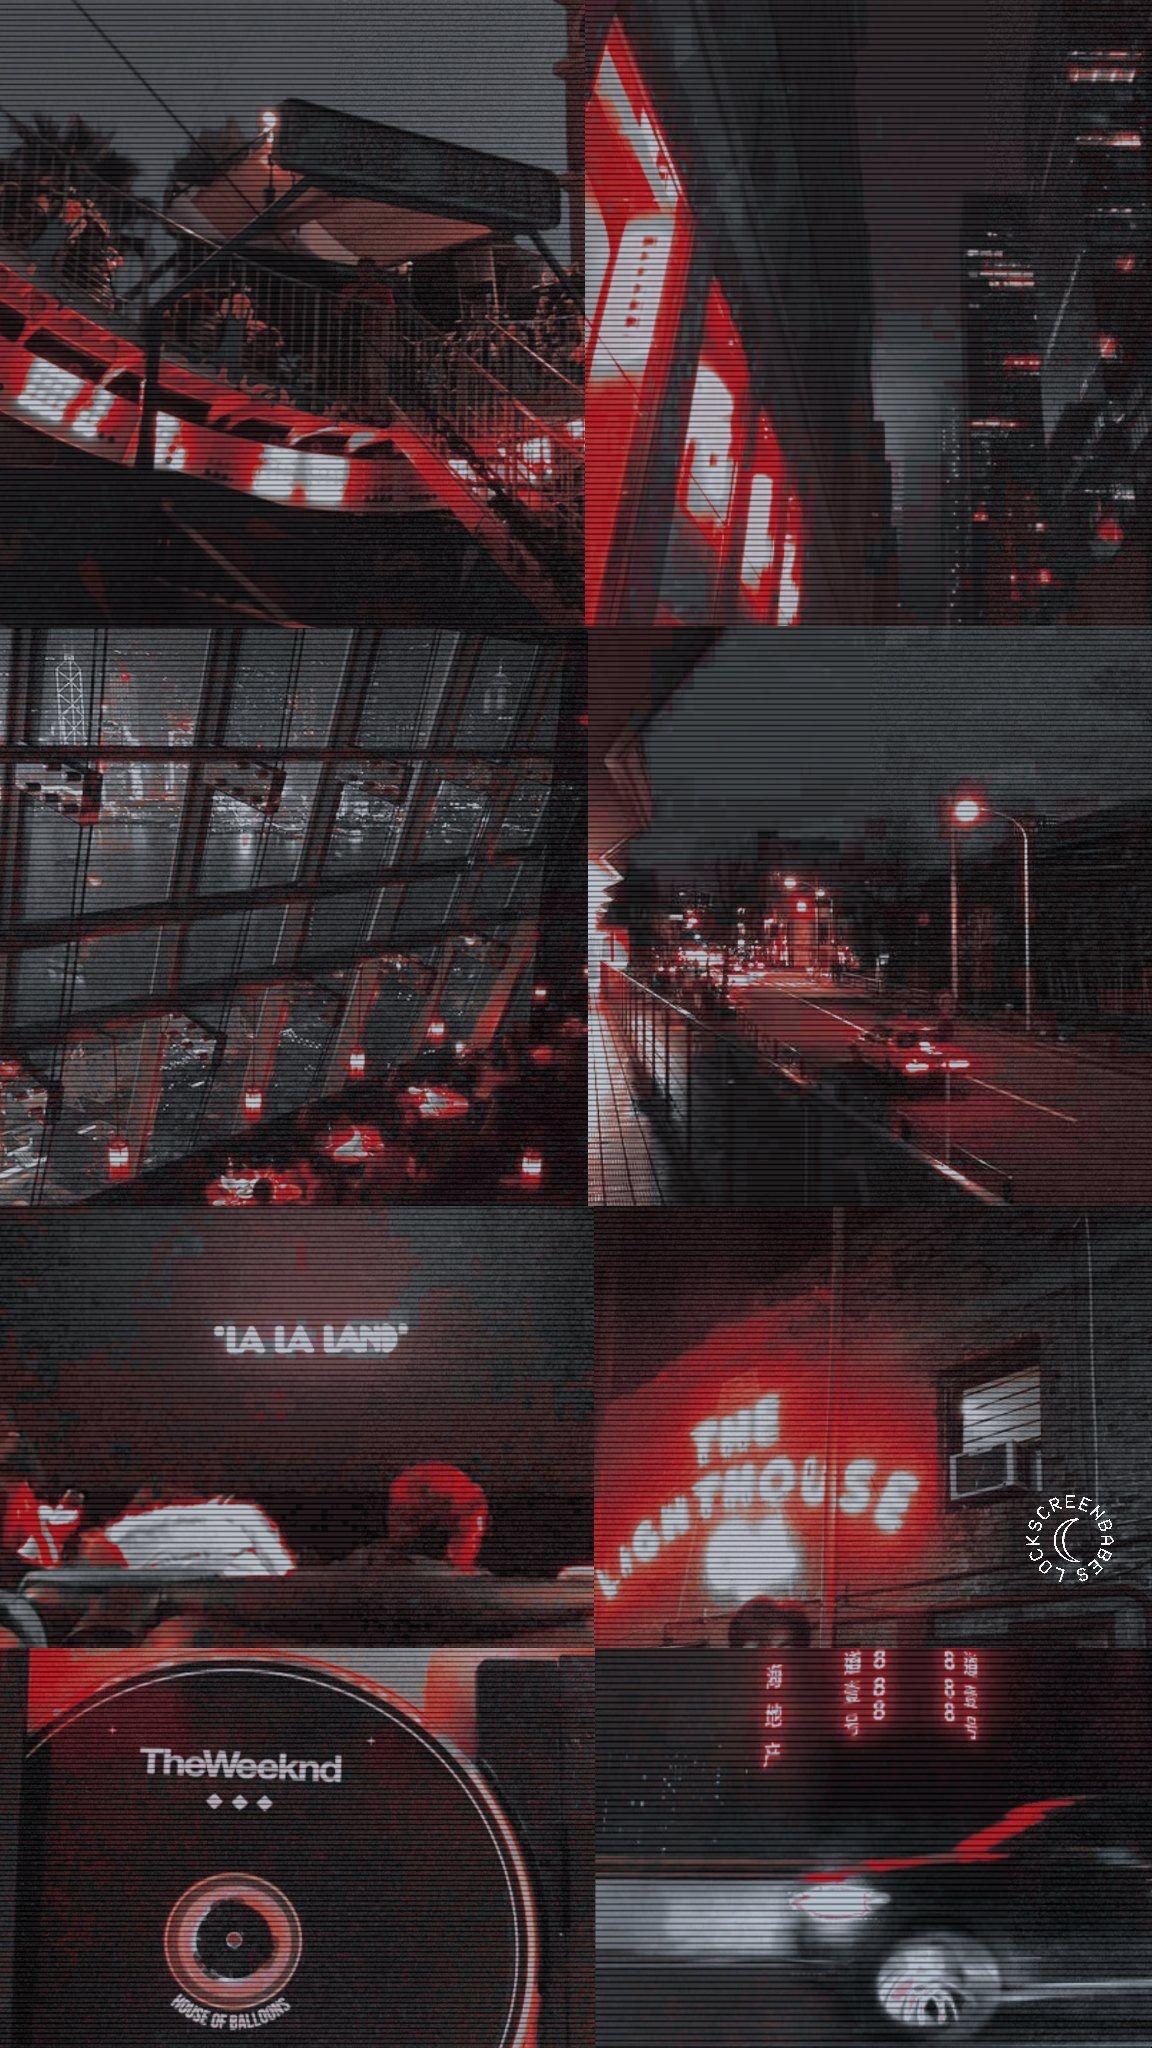 Pin by 𝐅𝐚𝐭𝐢𝐦𝐚. on ʙᴀᴄᴋɢʀᴏᴜɴᴅ. Red aesthetic, Lockscreen